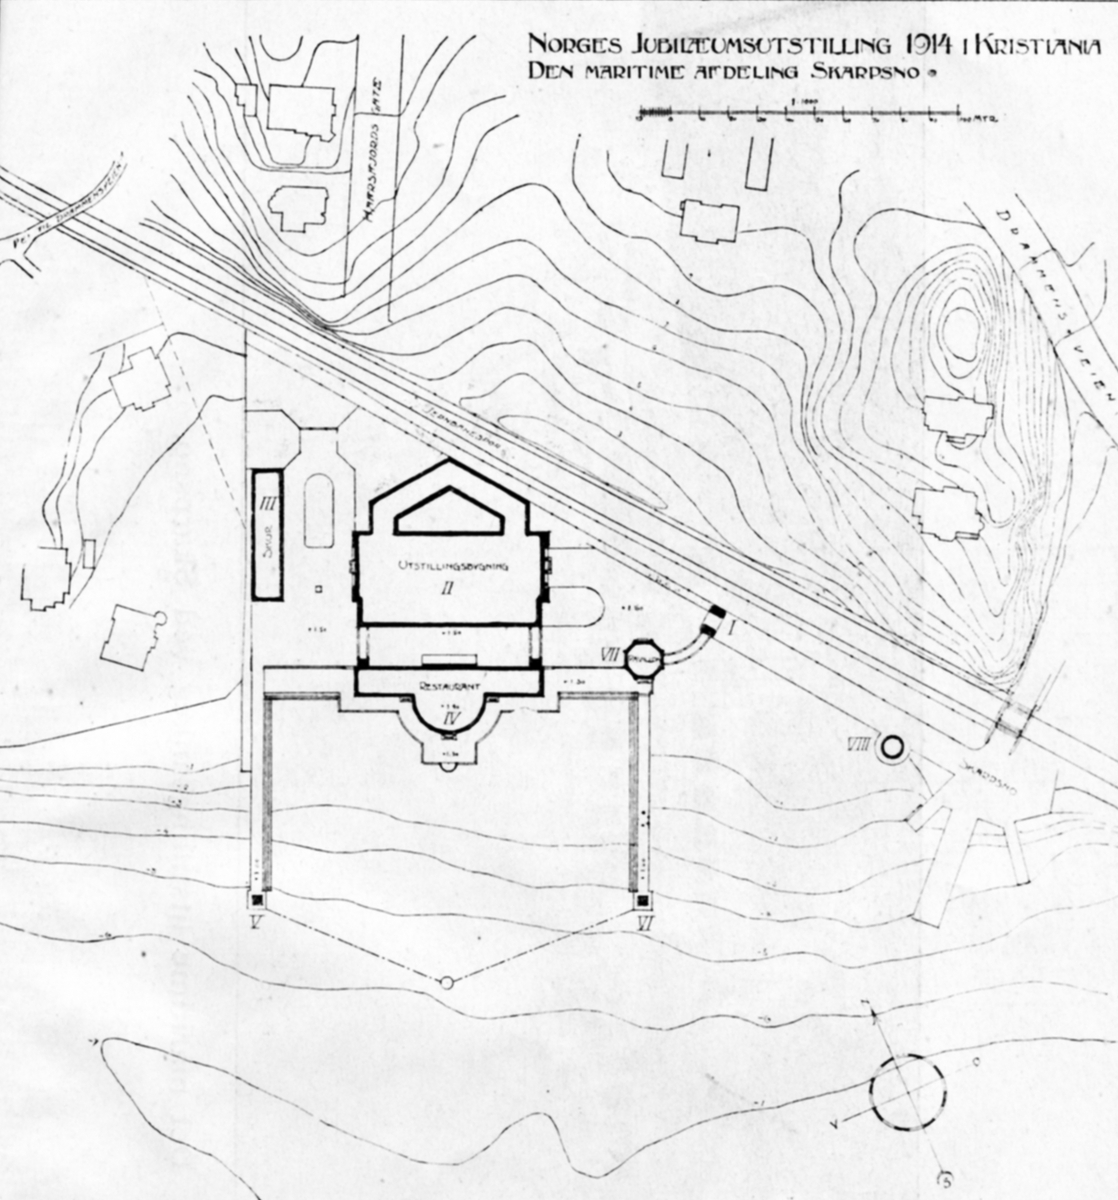 Kart over den maritime avdelingen på Skarpsno. - Jubileumsutstillingen på Frogner 1914.